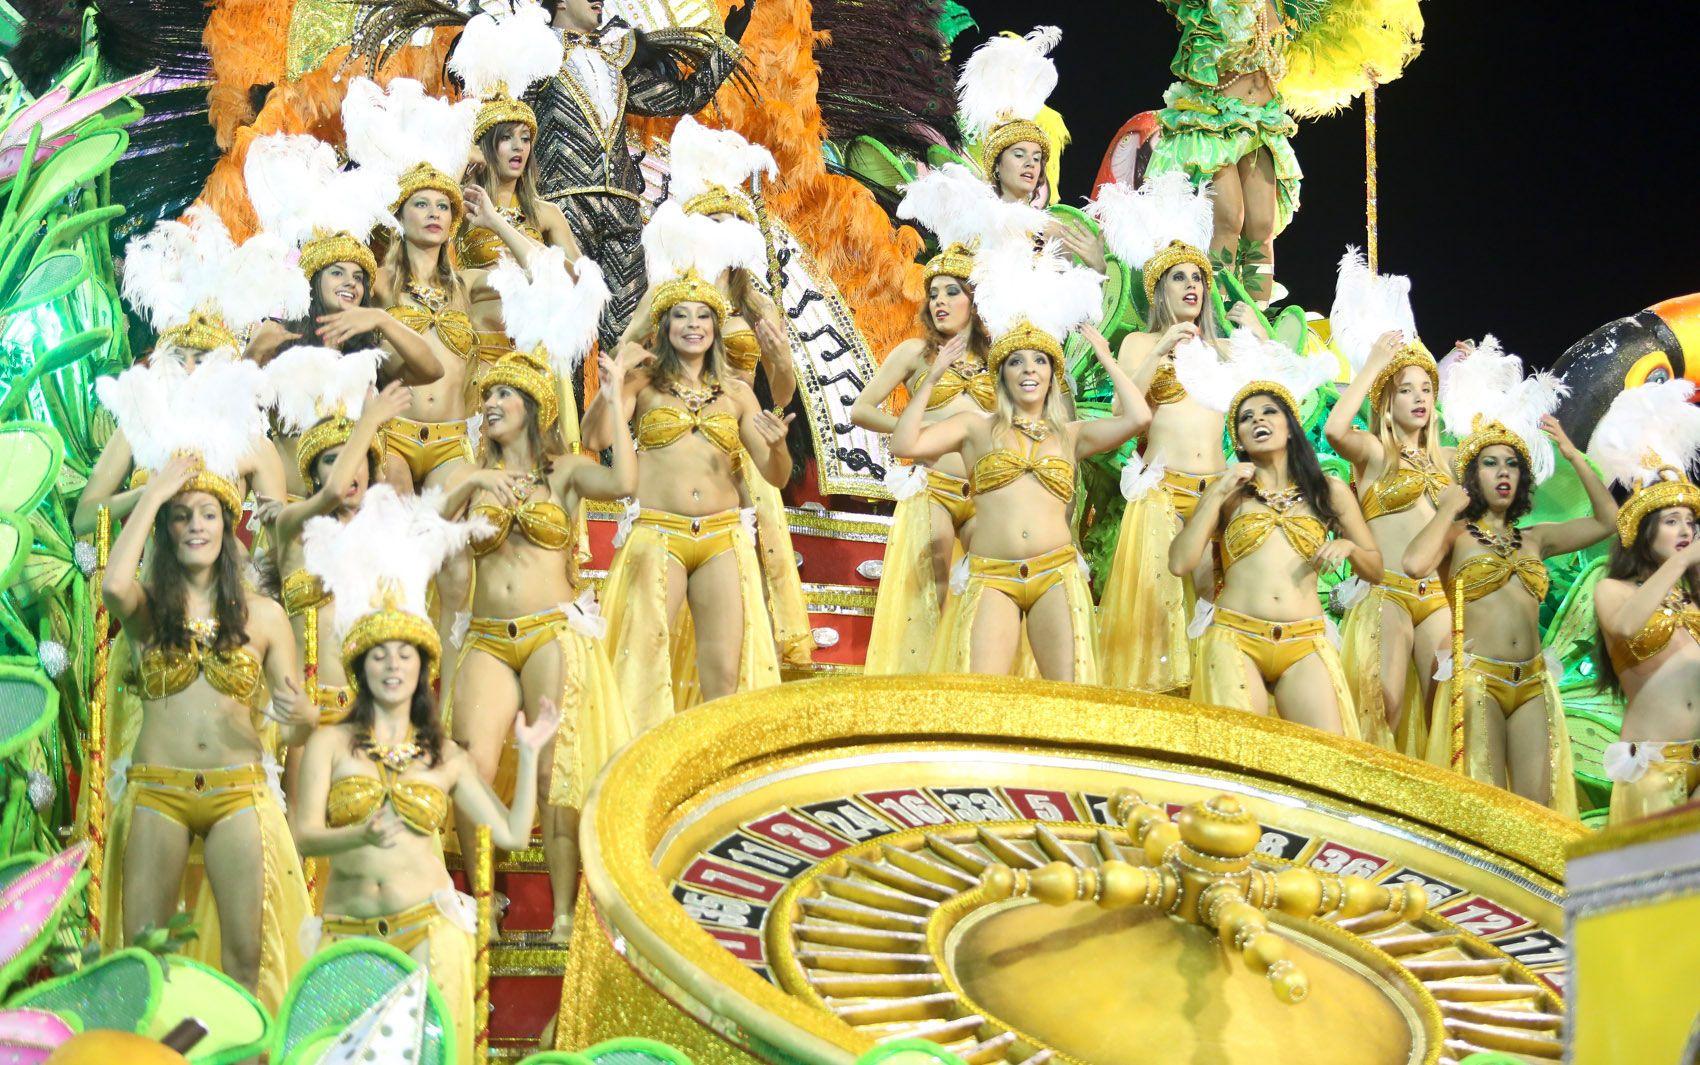 Durante o desfile em que homenageou Mário Lago, a Mancha Verde mostrou em uma de suas alegorias o cassino da Urca